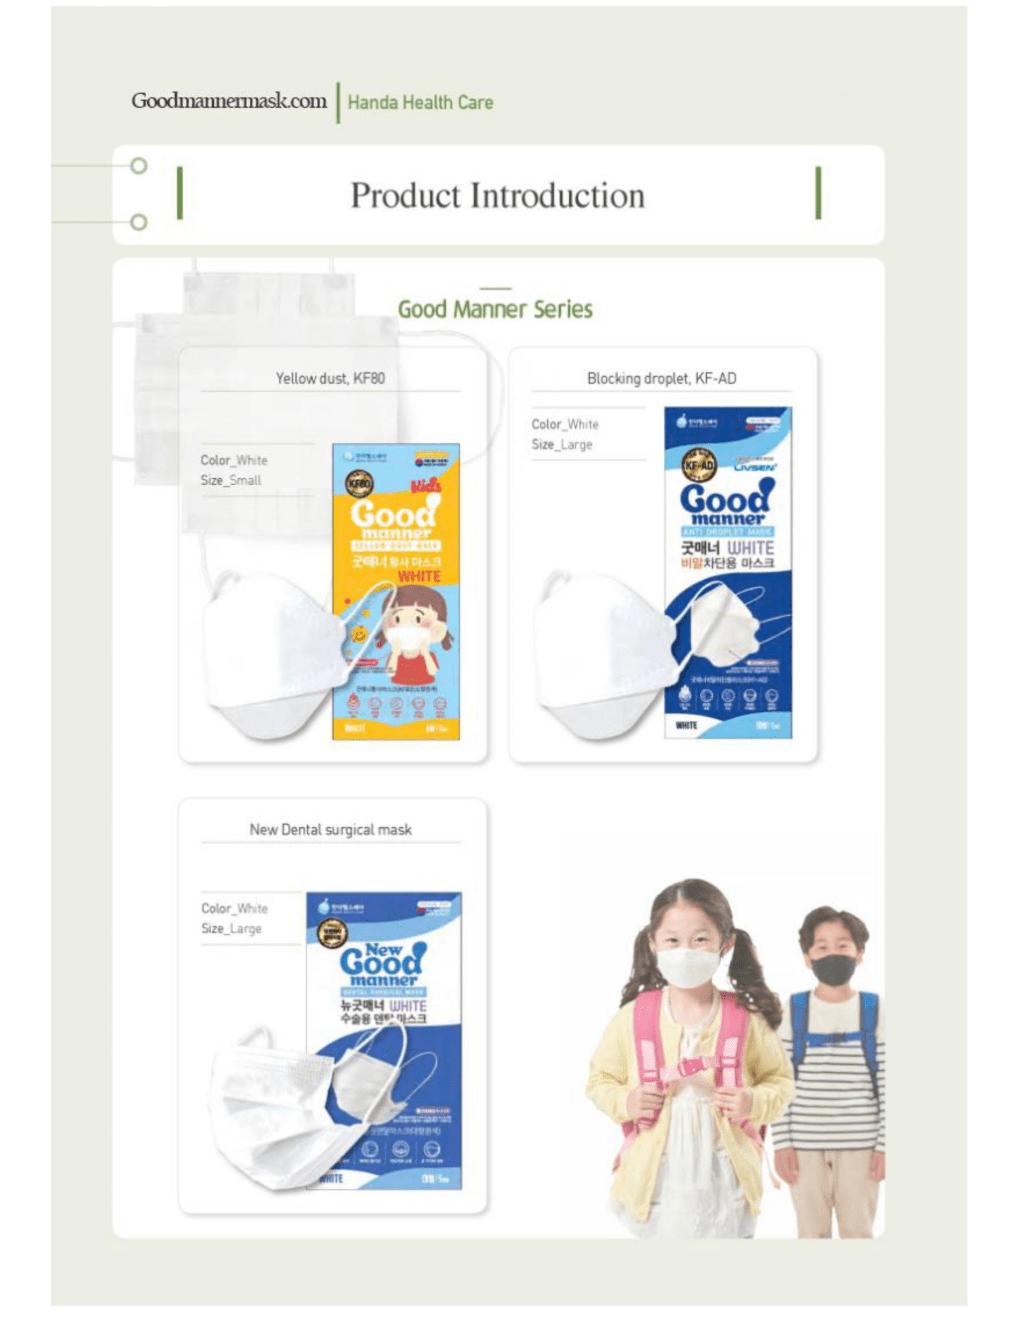 Good manner mask for kids